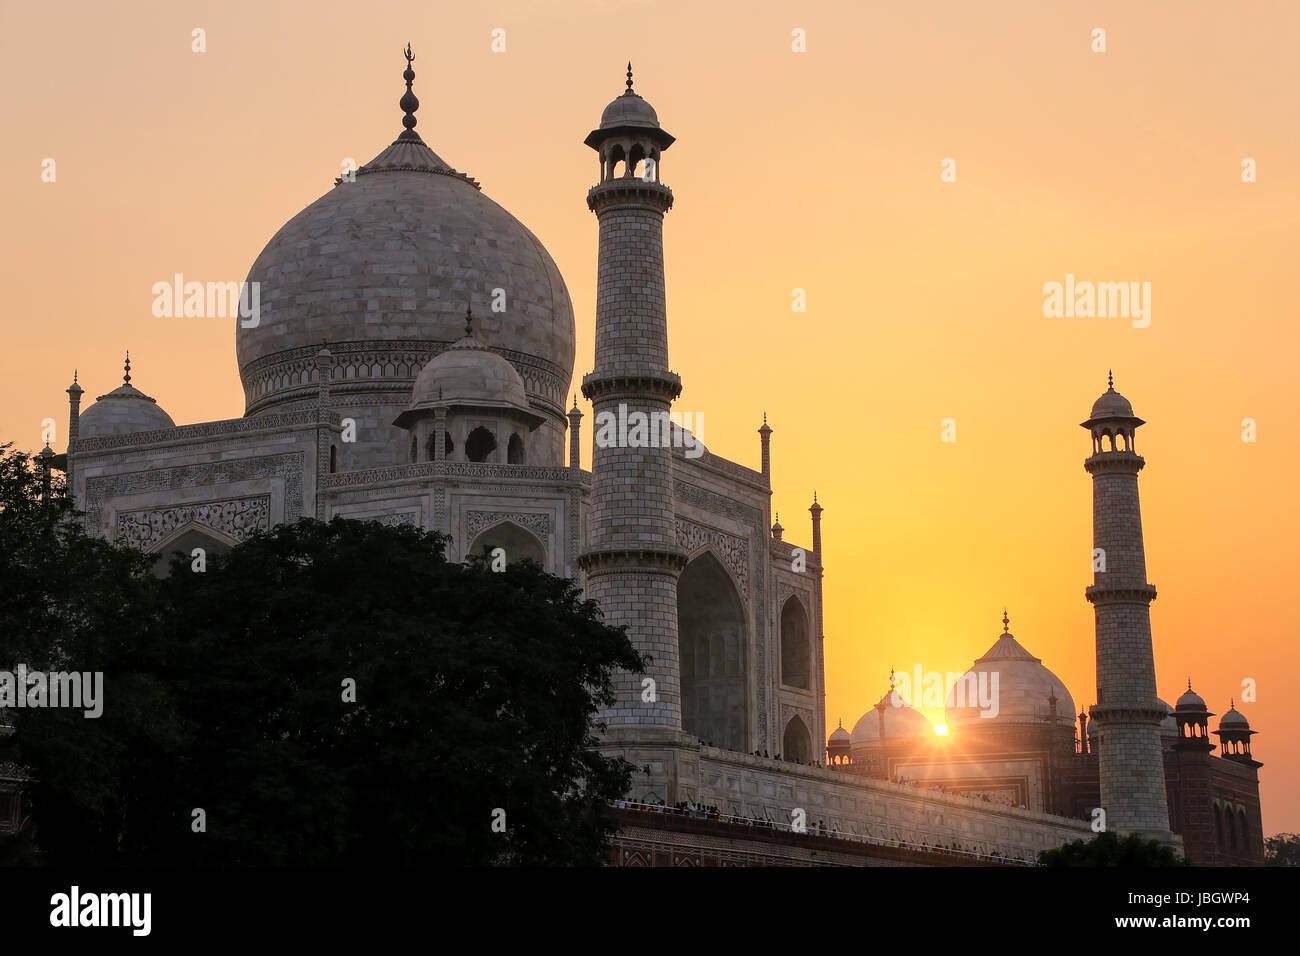 Taj Mahal al tramonto in Agra, Uttar Pradesh, India. Taj Mahal è stato designato come un Sito Patrimonio Mondiale Immagini Stock